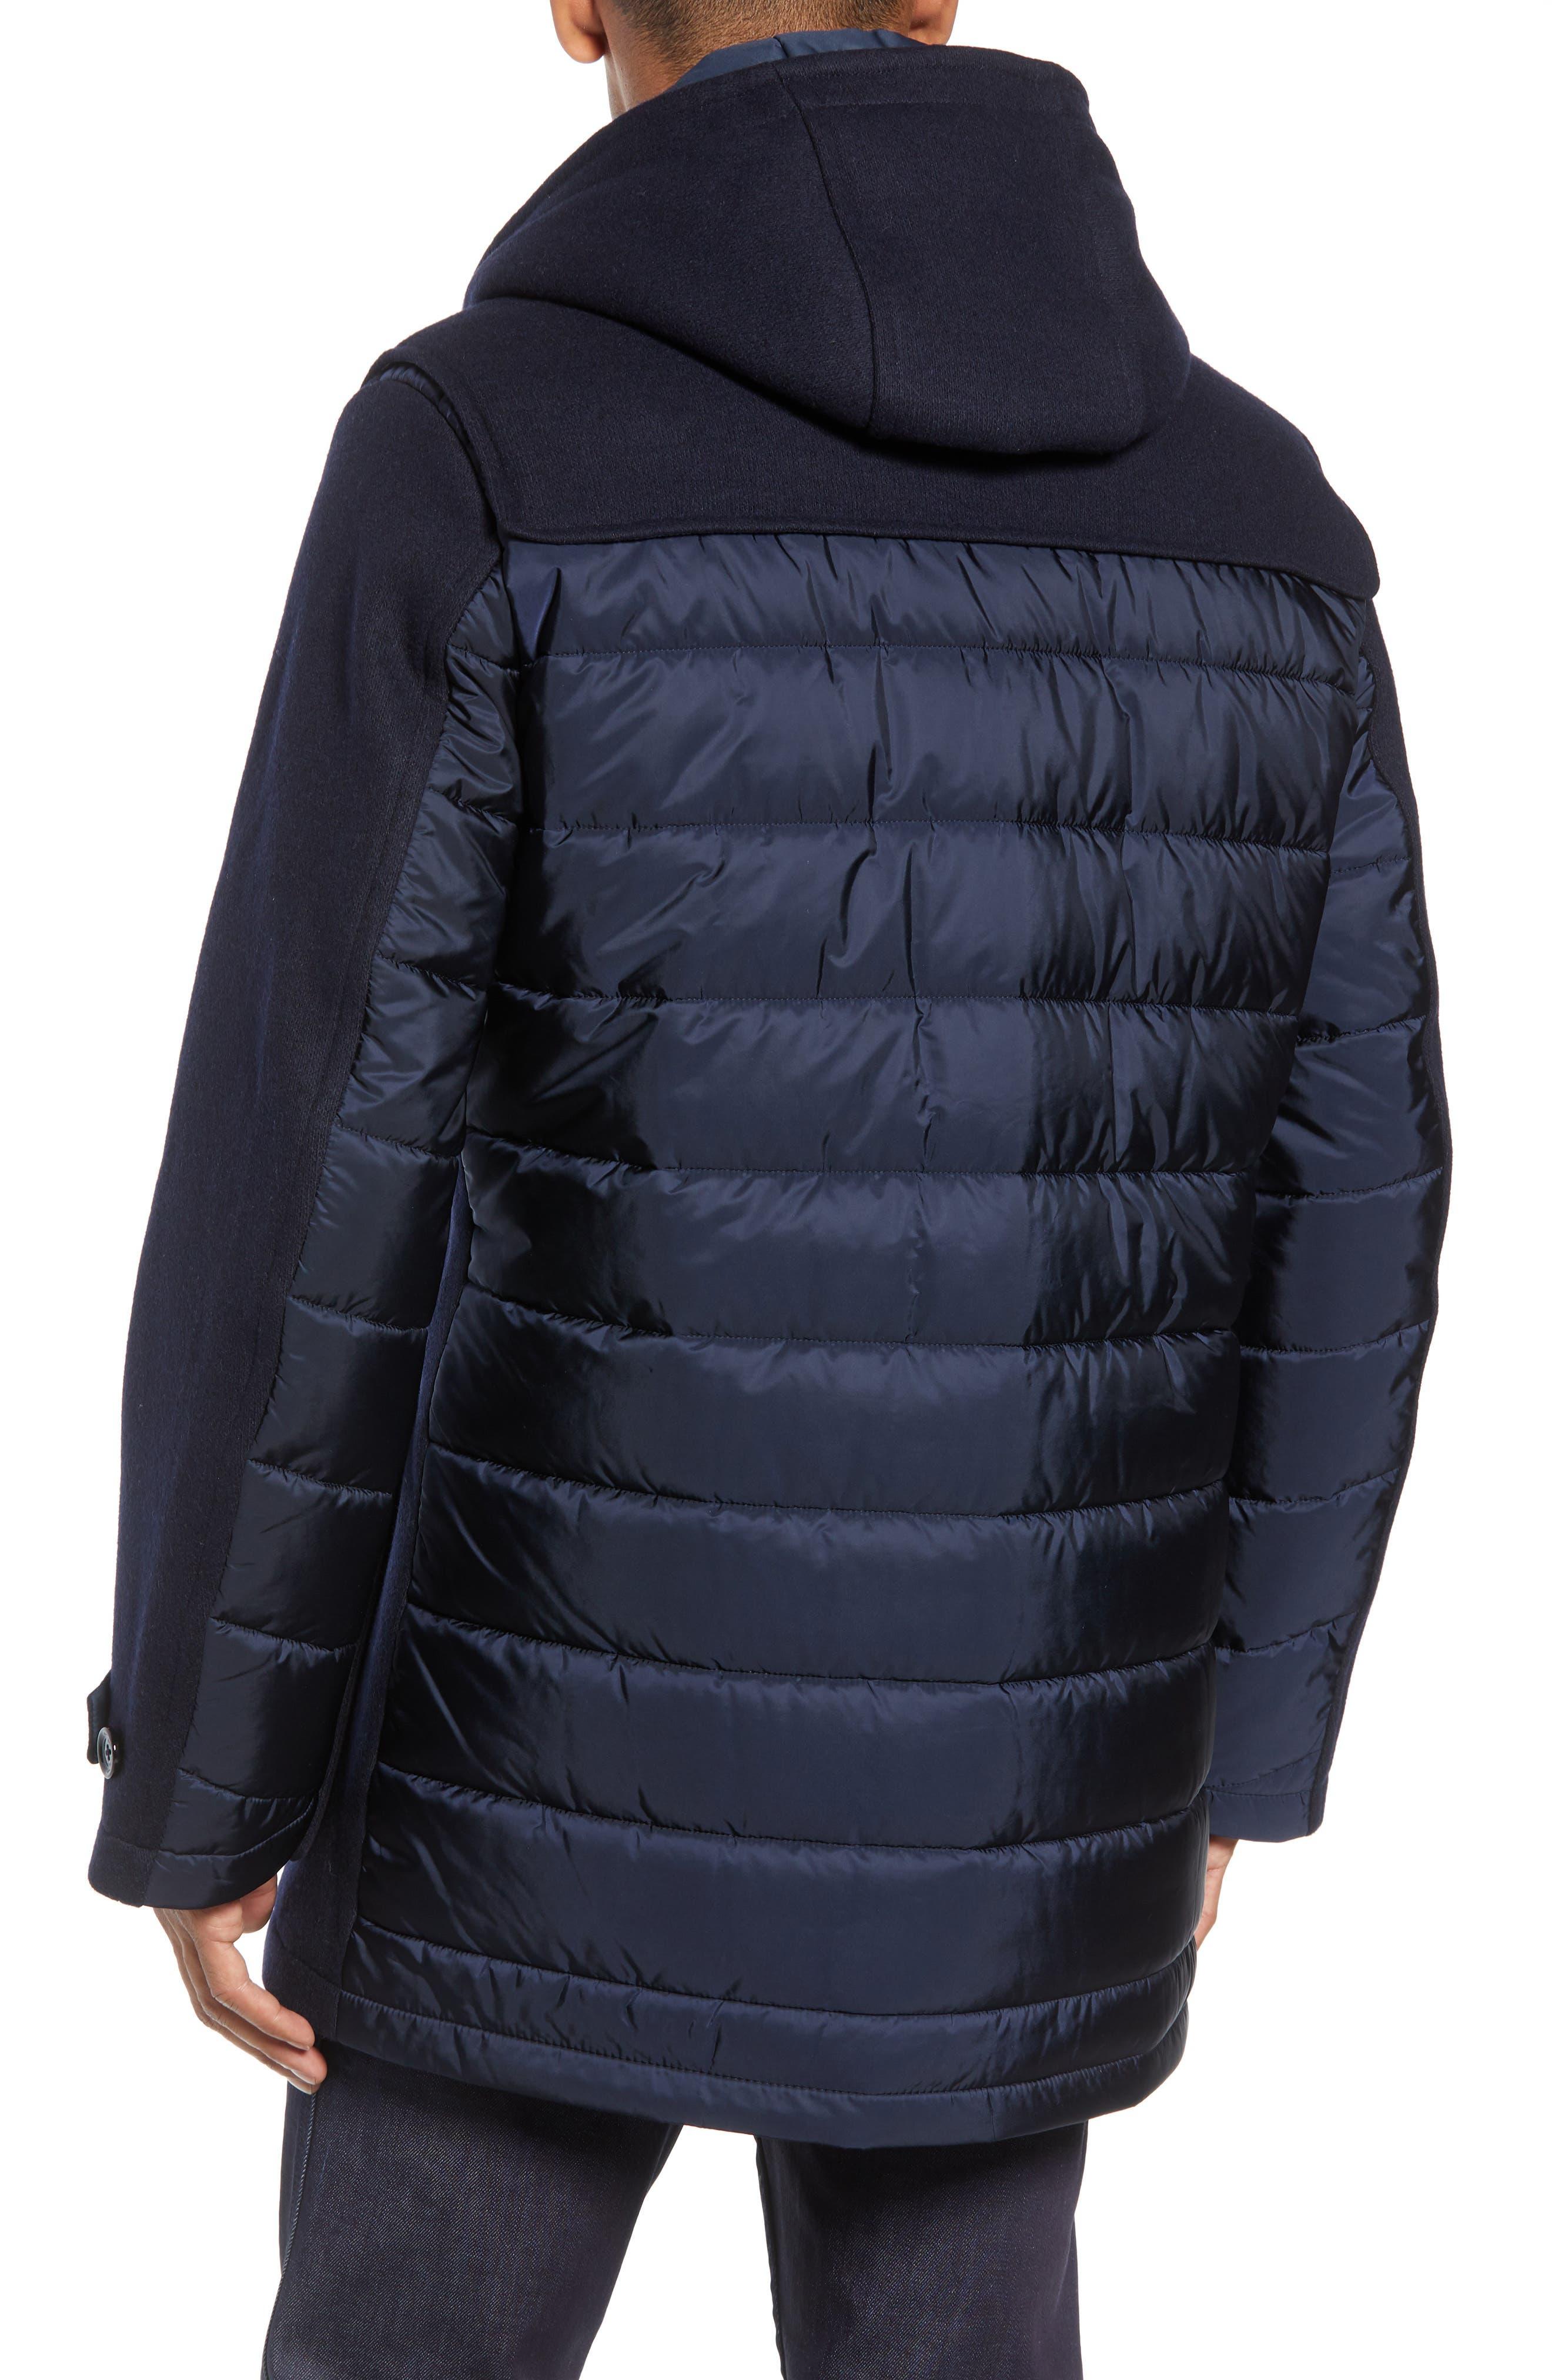 Casil Mixed Media Duffle Coat,                             Alternate thumbnail 2, color,                             BLUE